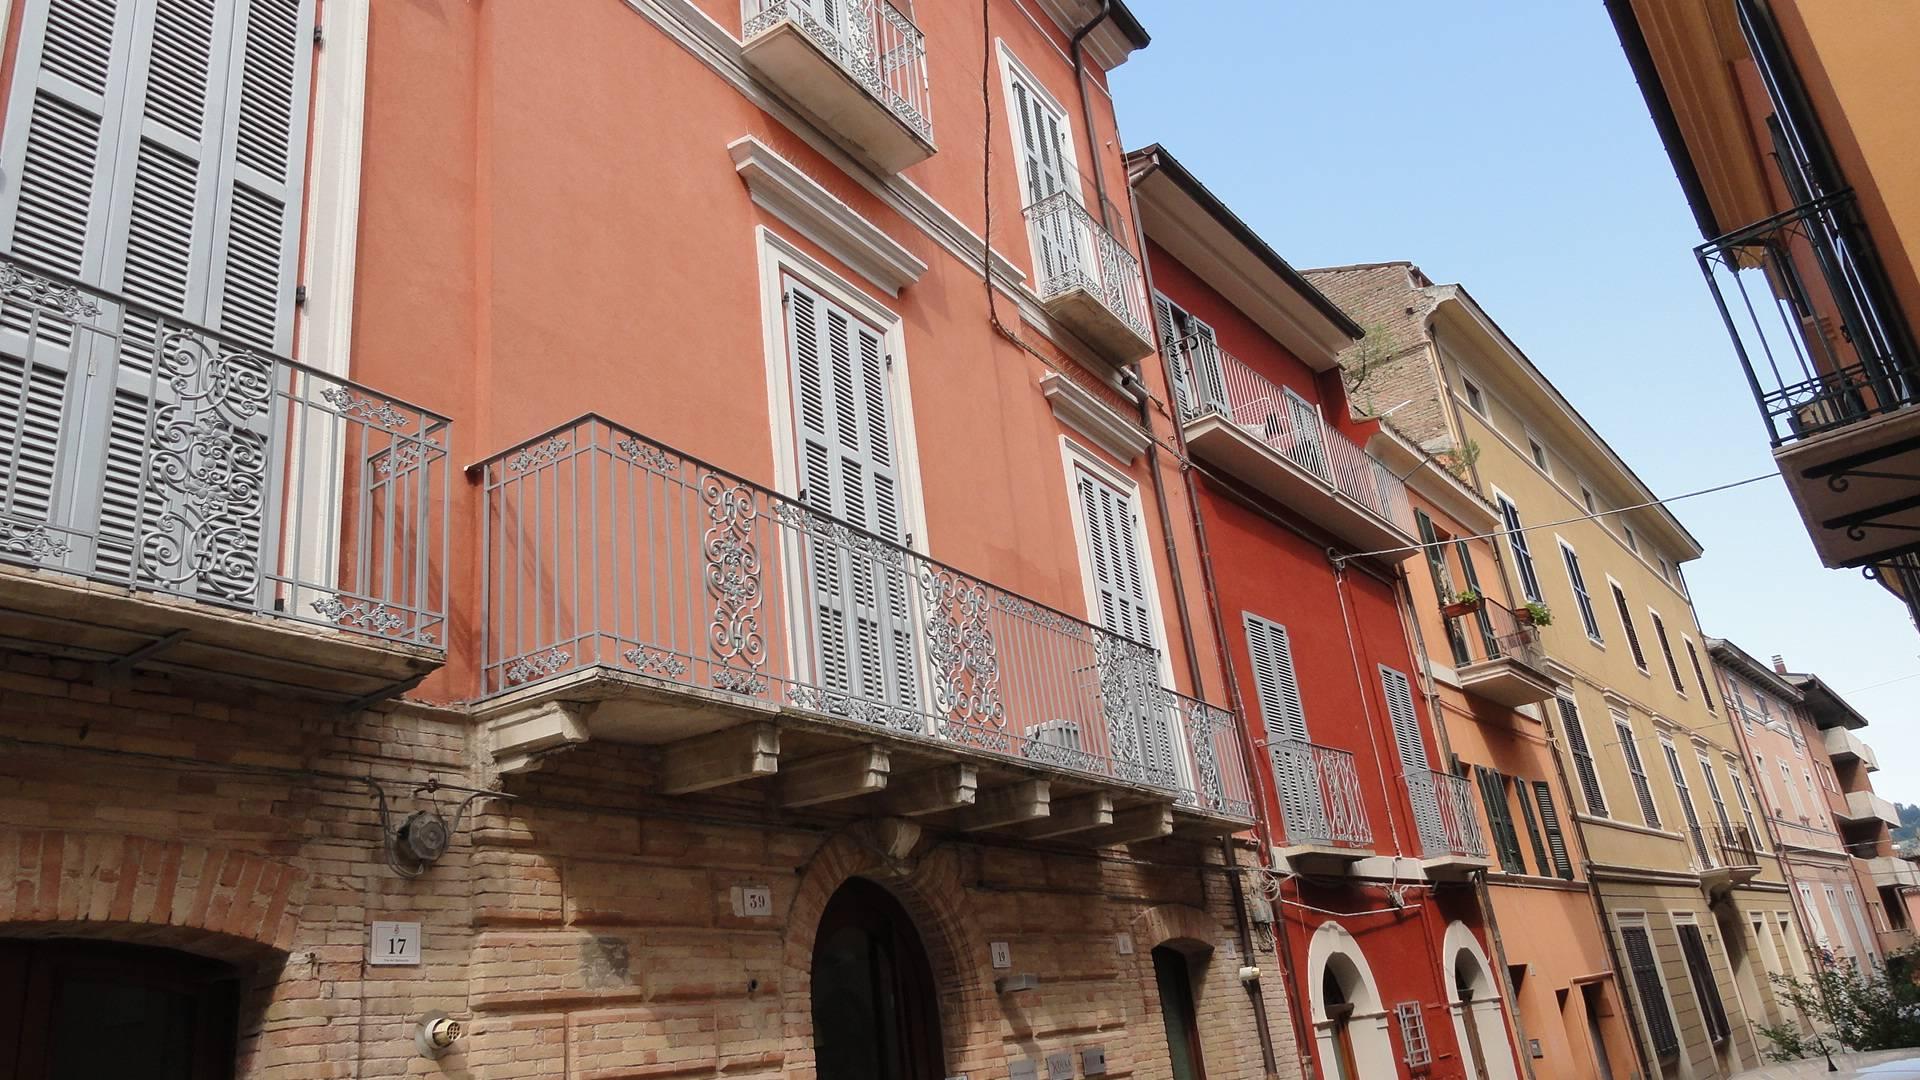 Ufficio / Studio in vendita a Teramo, 9999 locali, zona Località: CentroStorico, prezzo € 65.000 | CambioCasa.it